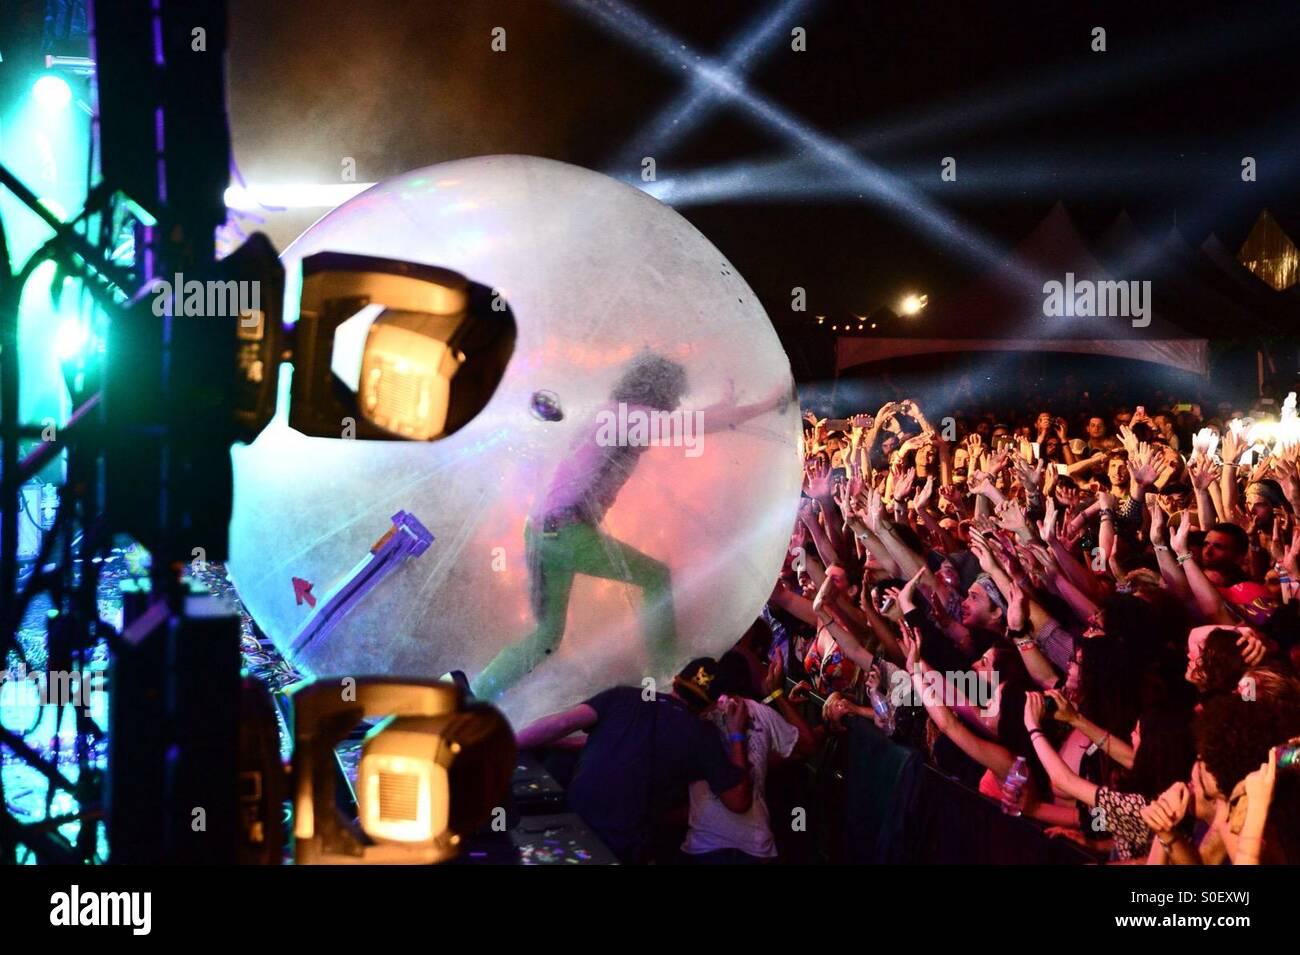 Los Flaming Lips' Wayne Coyne cabezas en medio de la multitud en su firma 'hamster ball' durante la Imagen De Stock